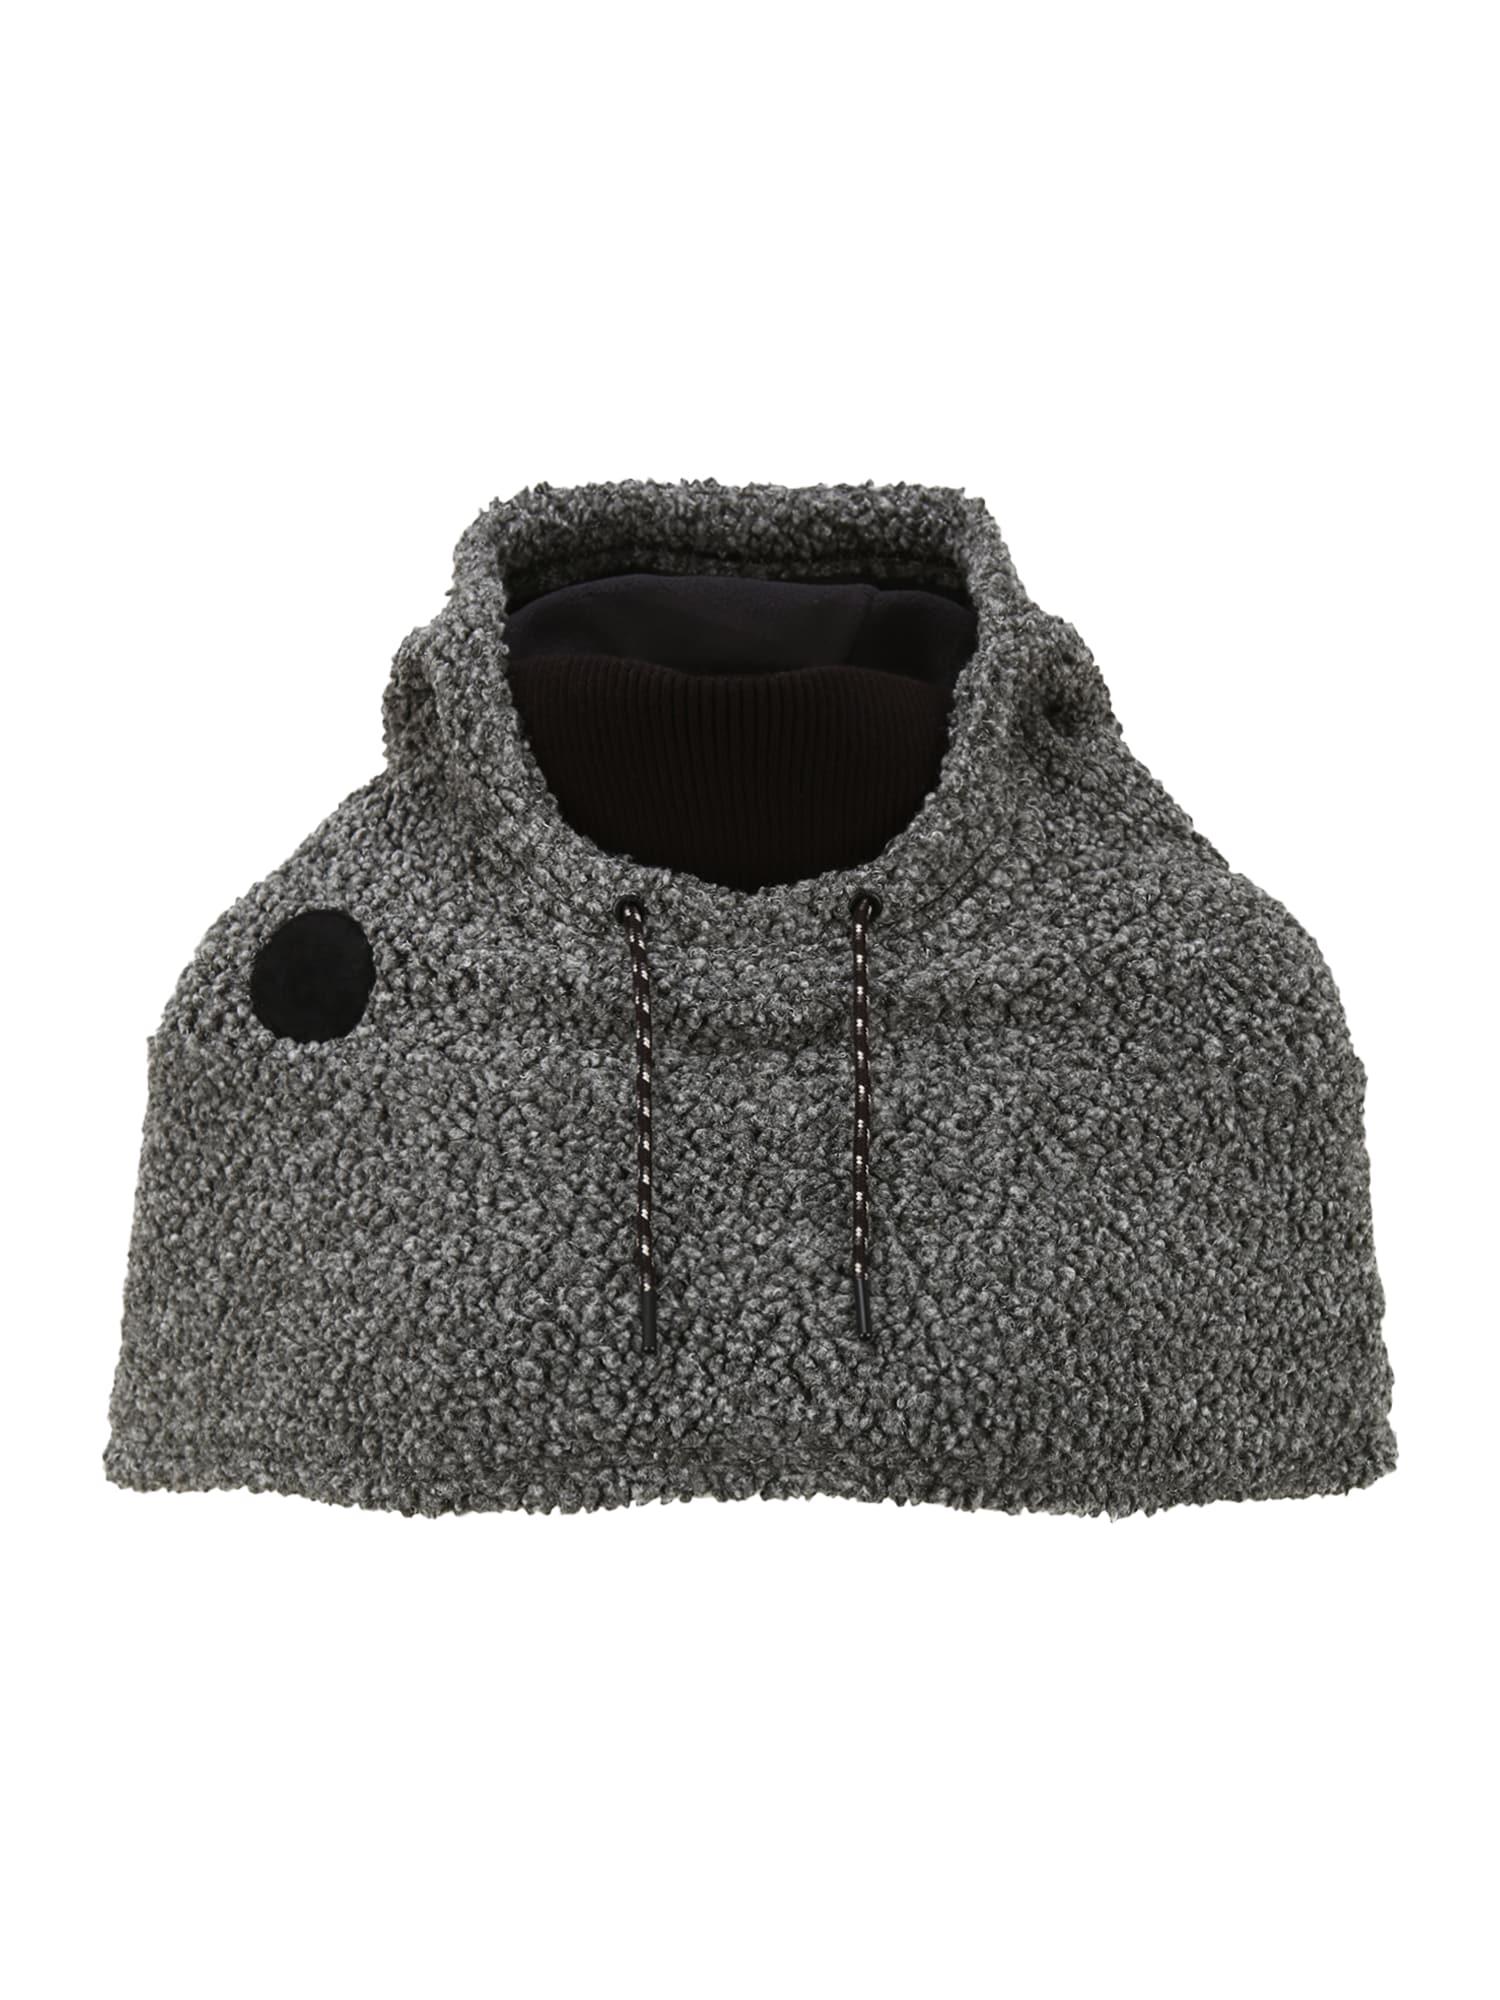 BURTON Sportinė kepurė 'Larosa' margai juoda / juoda / pilka